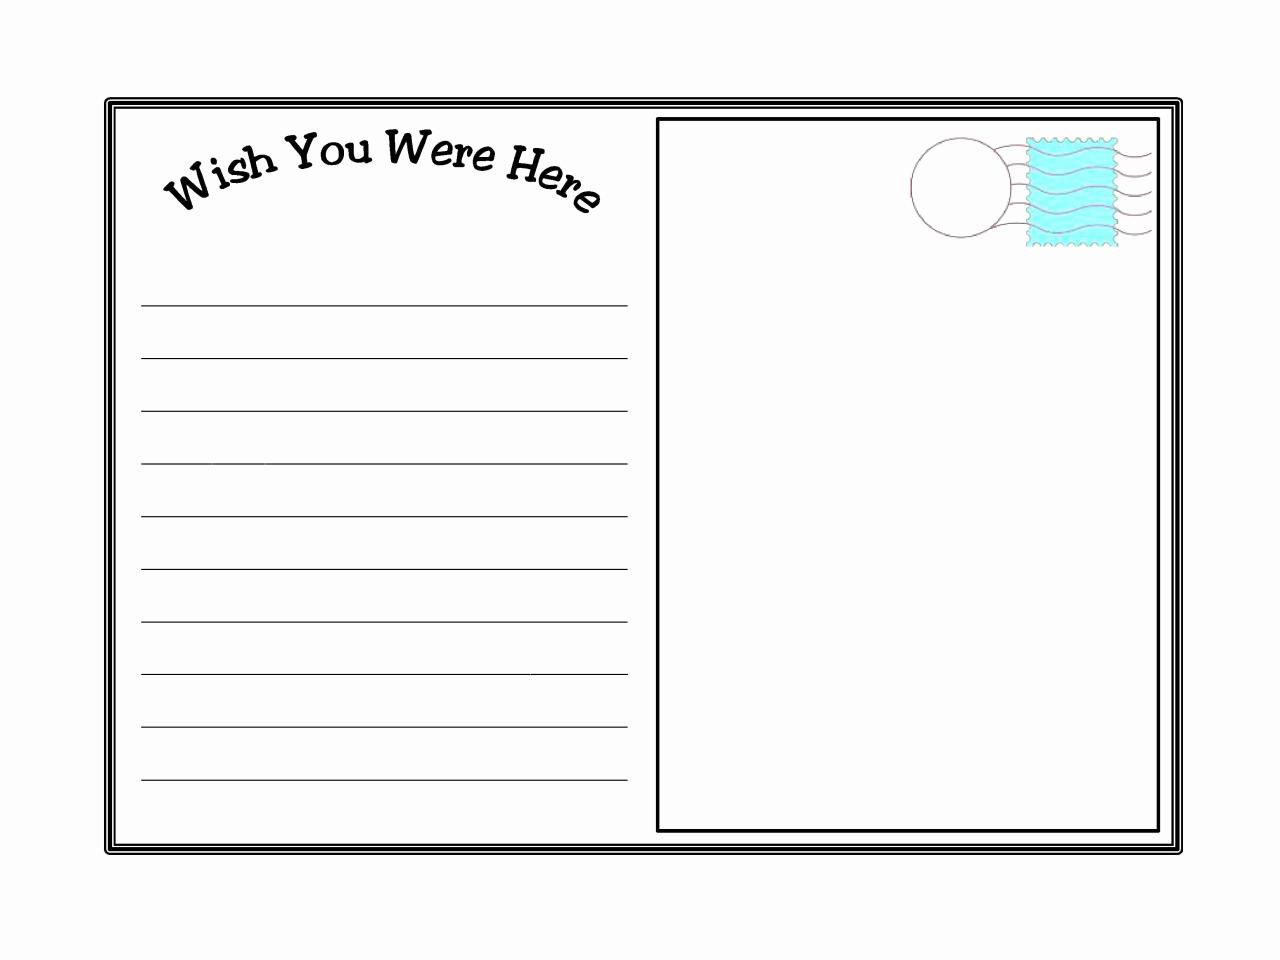 Free Printable Postcard Templates New Postcard Template Printable